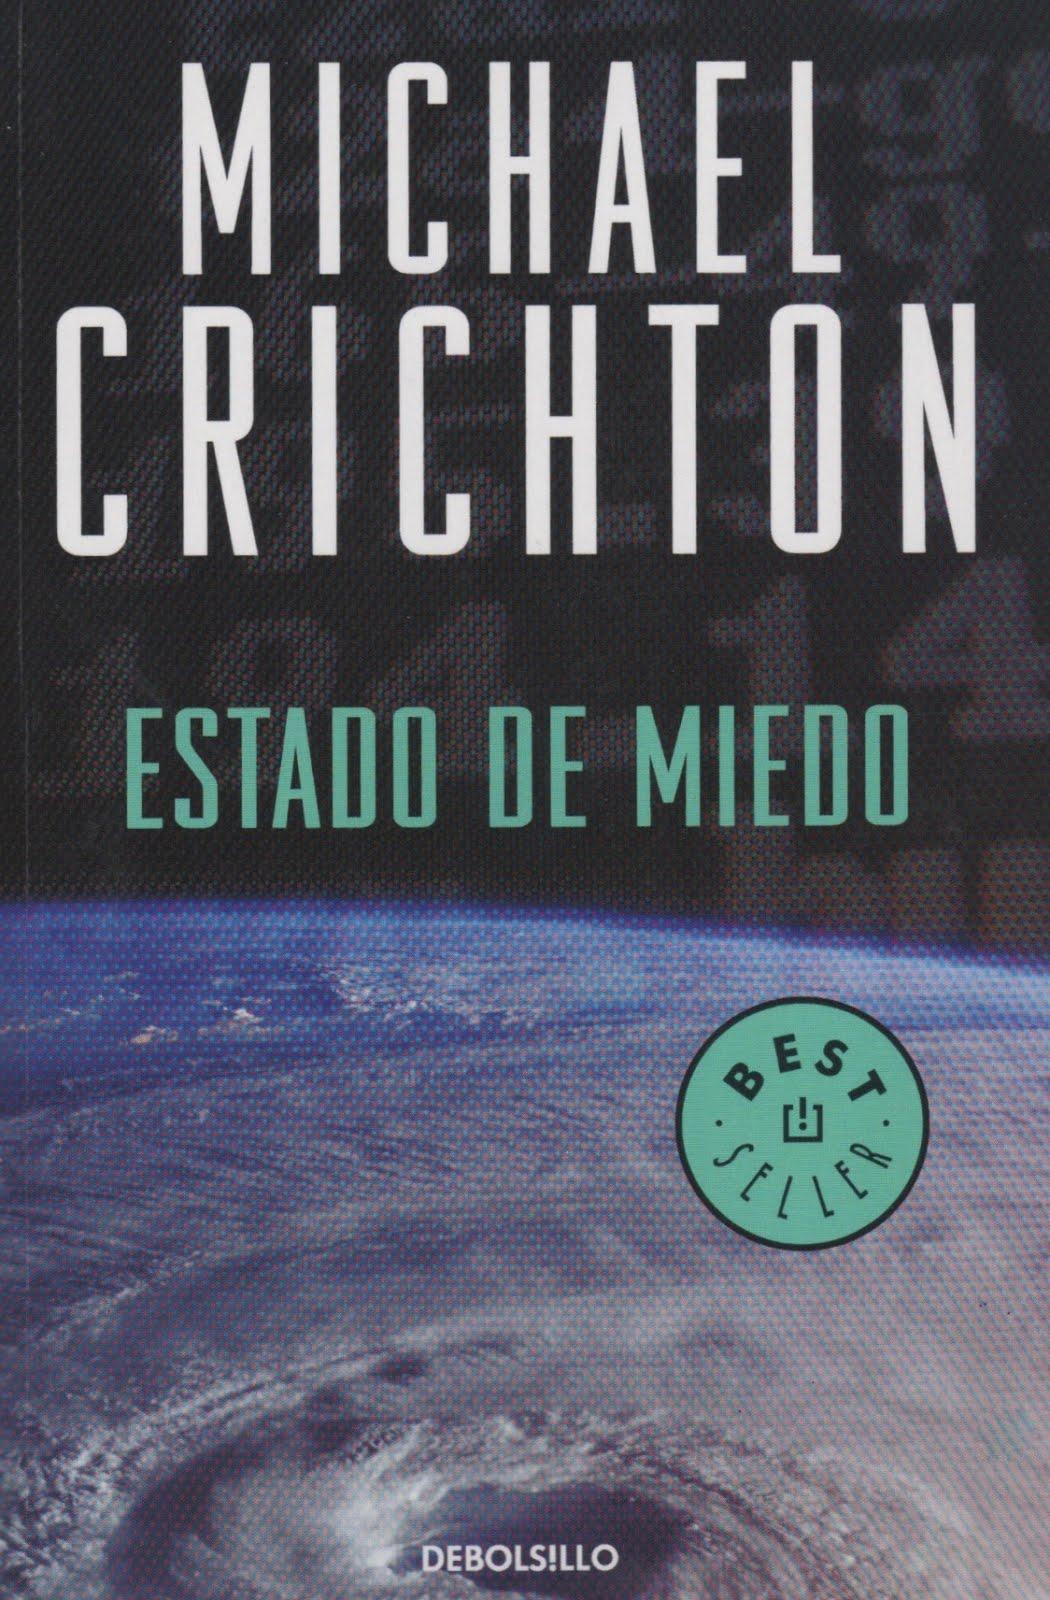 Michael Crichton (Estado de miedo)